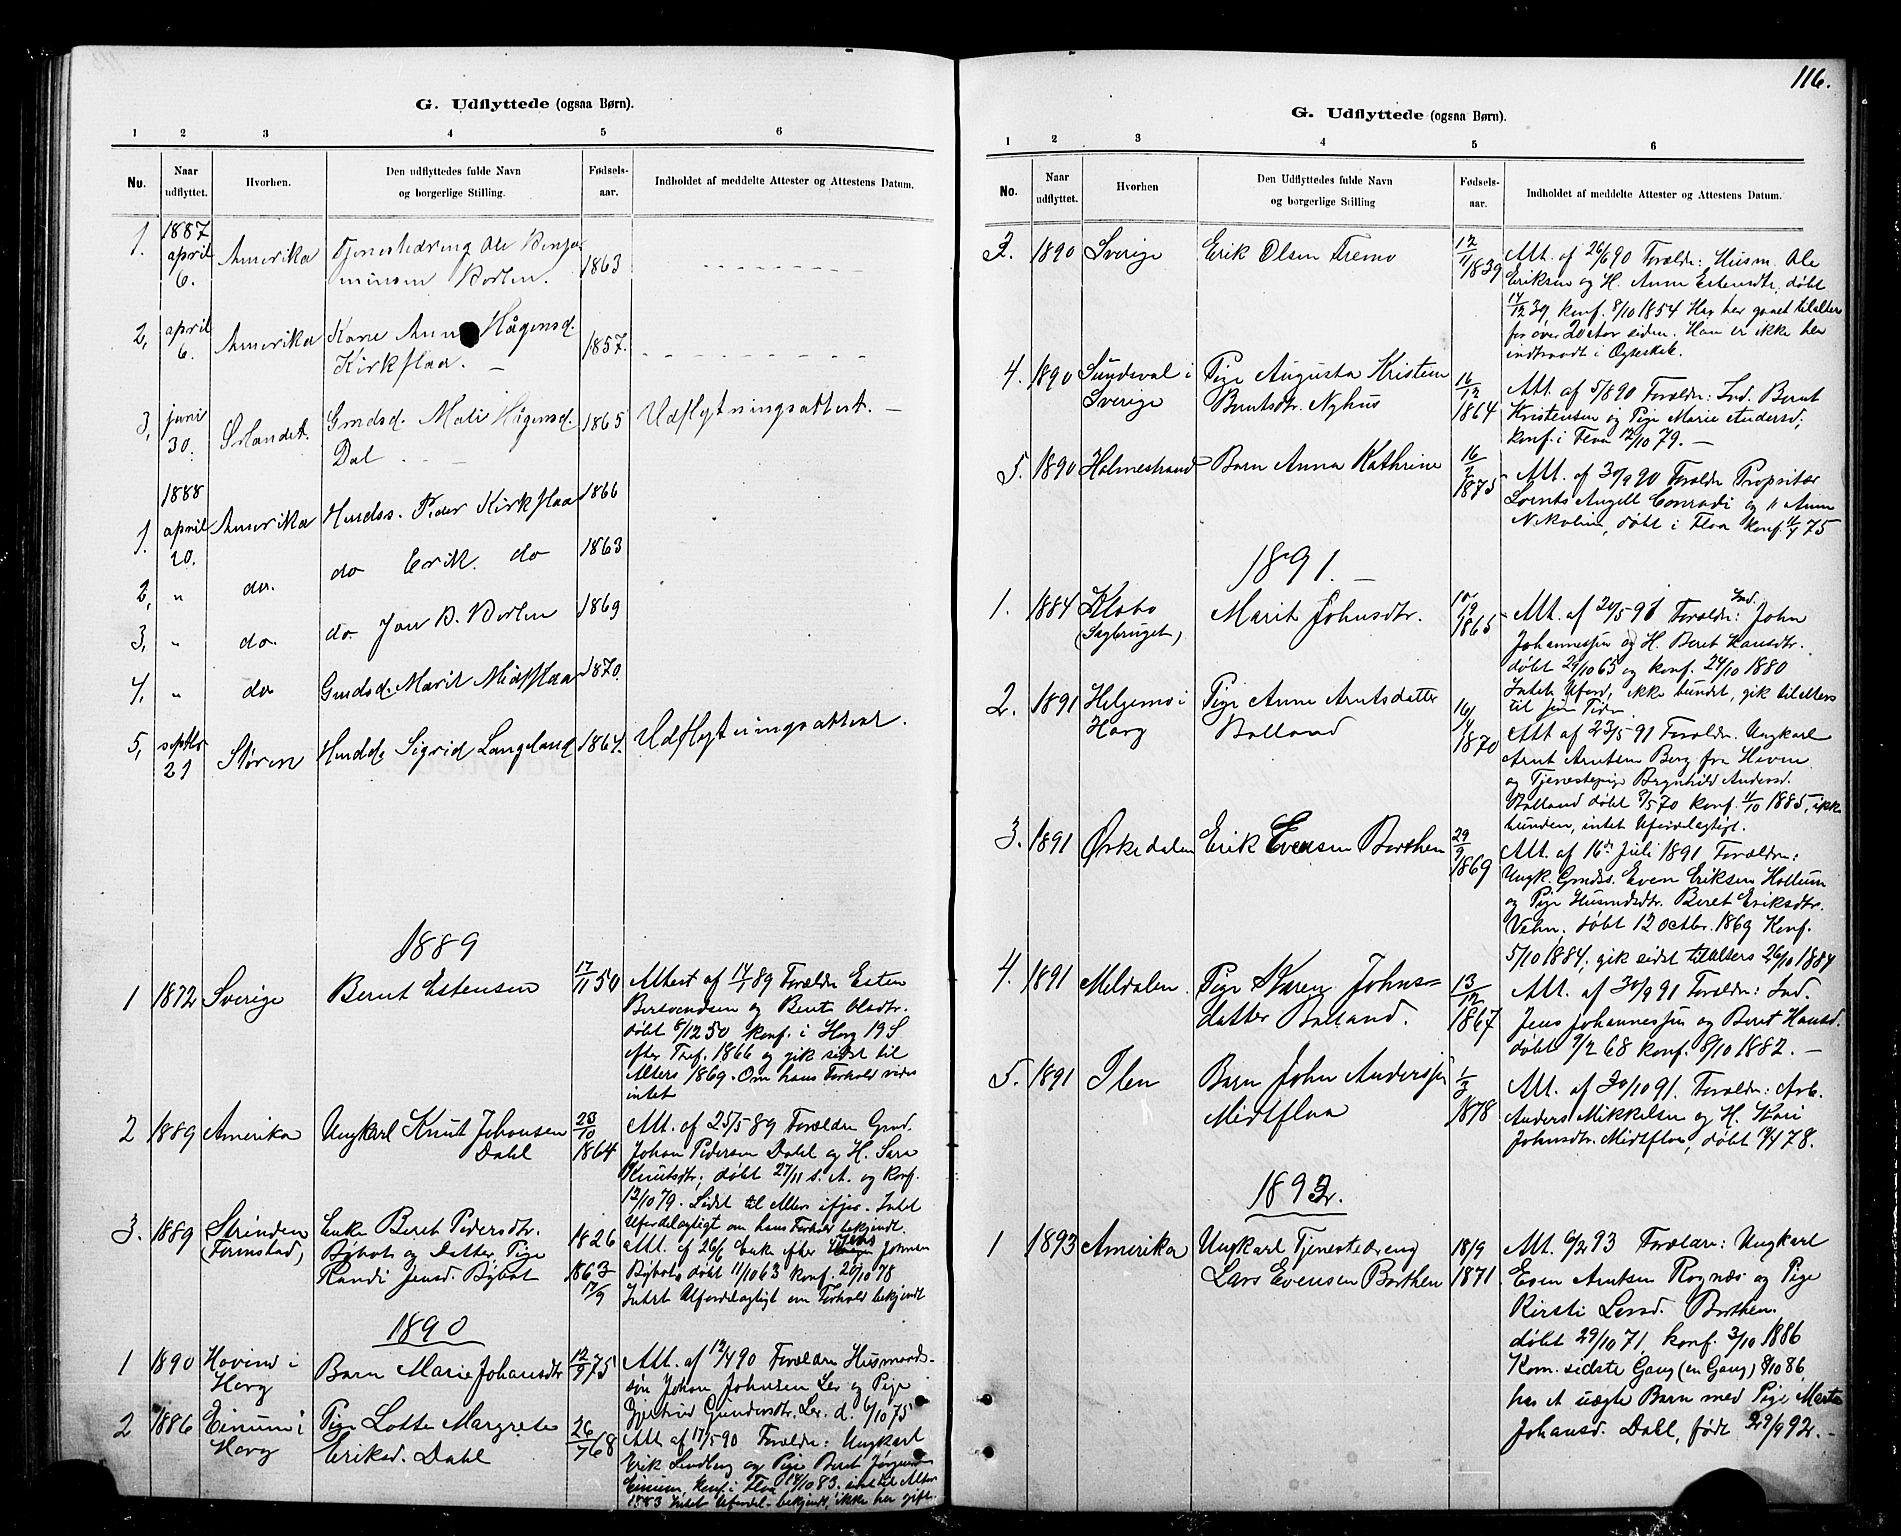 SAT, Ministerialprotokoller, klokkerbøker og fødselsregistre - Sør-Trøndelag, 693/L1123: Klokkerbok nr. 693C04, 1887-1910, s. 116